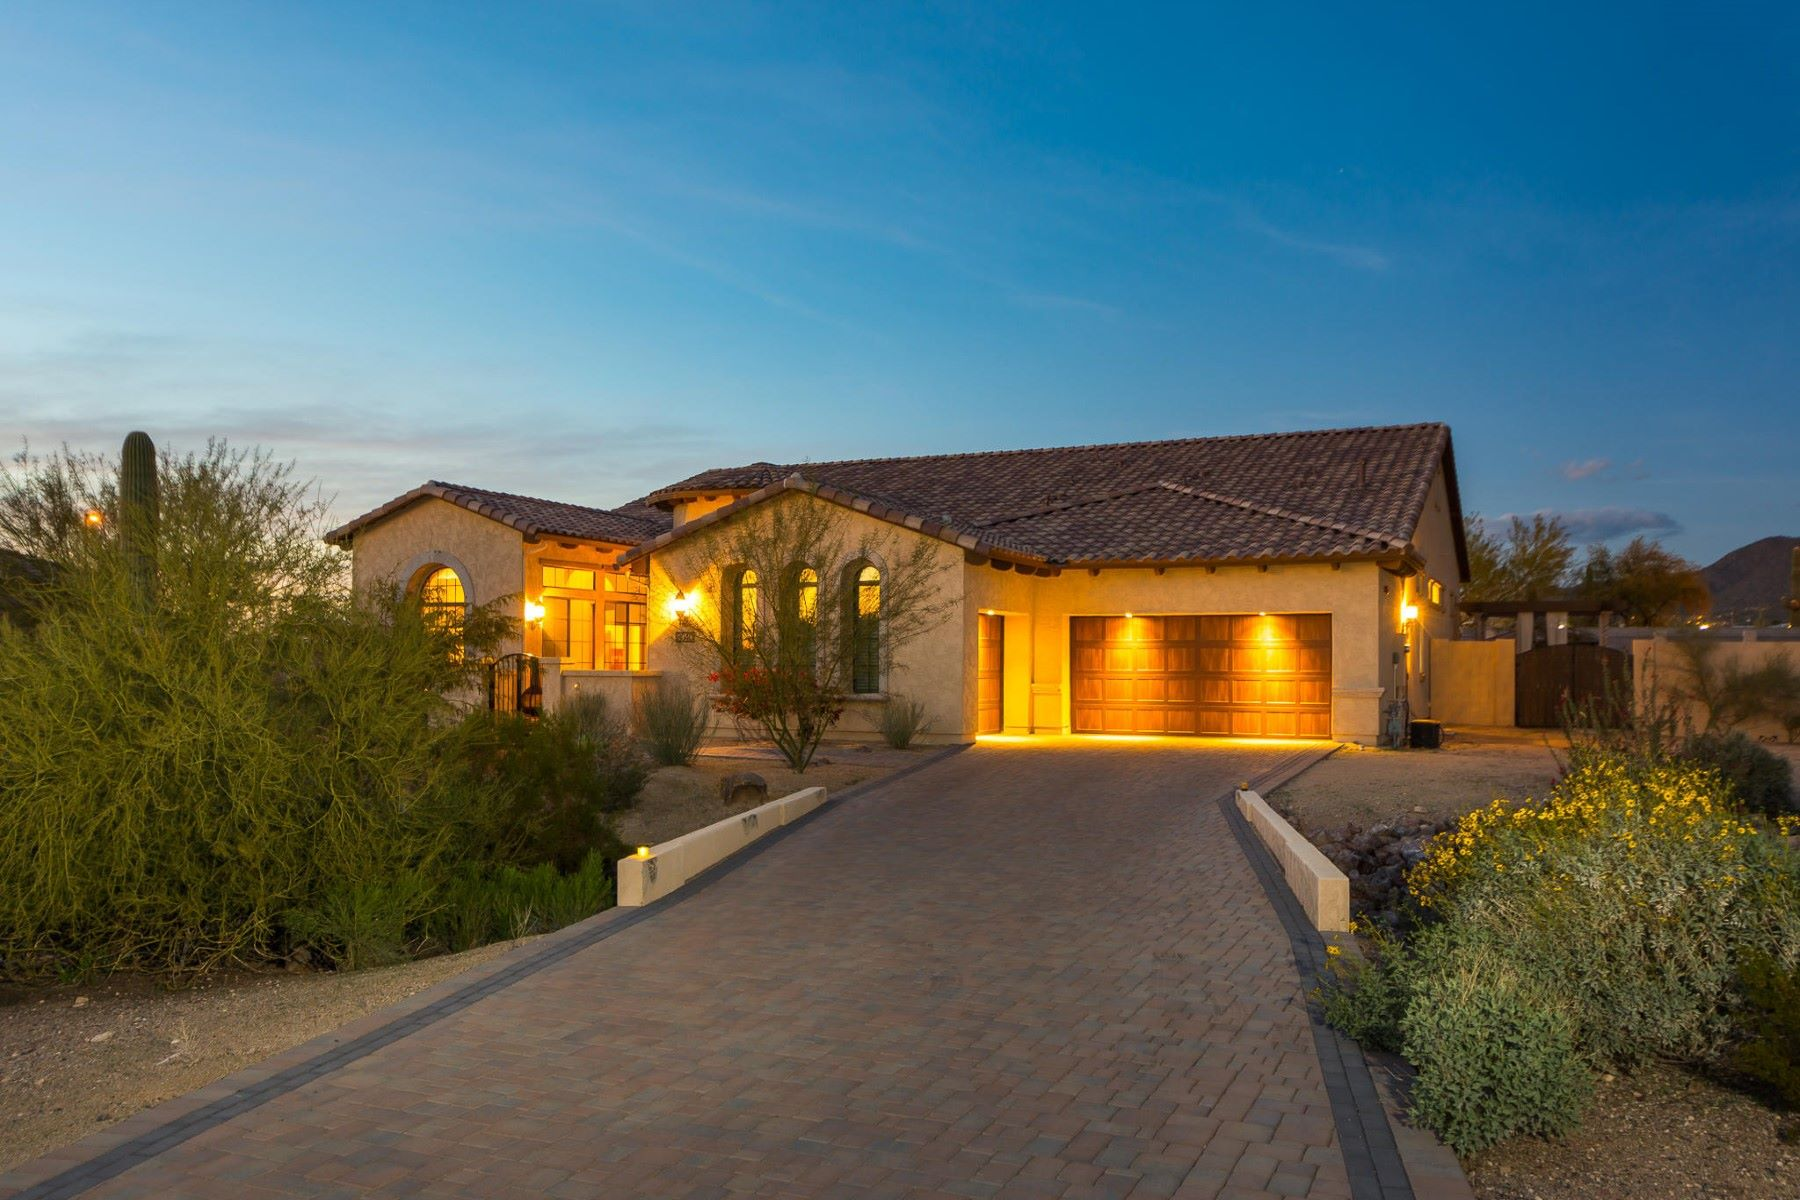 Maison unifamiliale pour l Vente à Resort-style living in Mountain Bridge gated community 8040 E Laurel St Mesa, Arizona, 85207 États-Unis